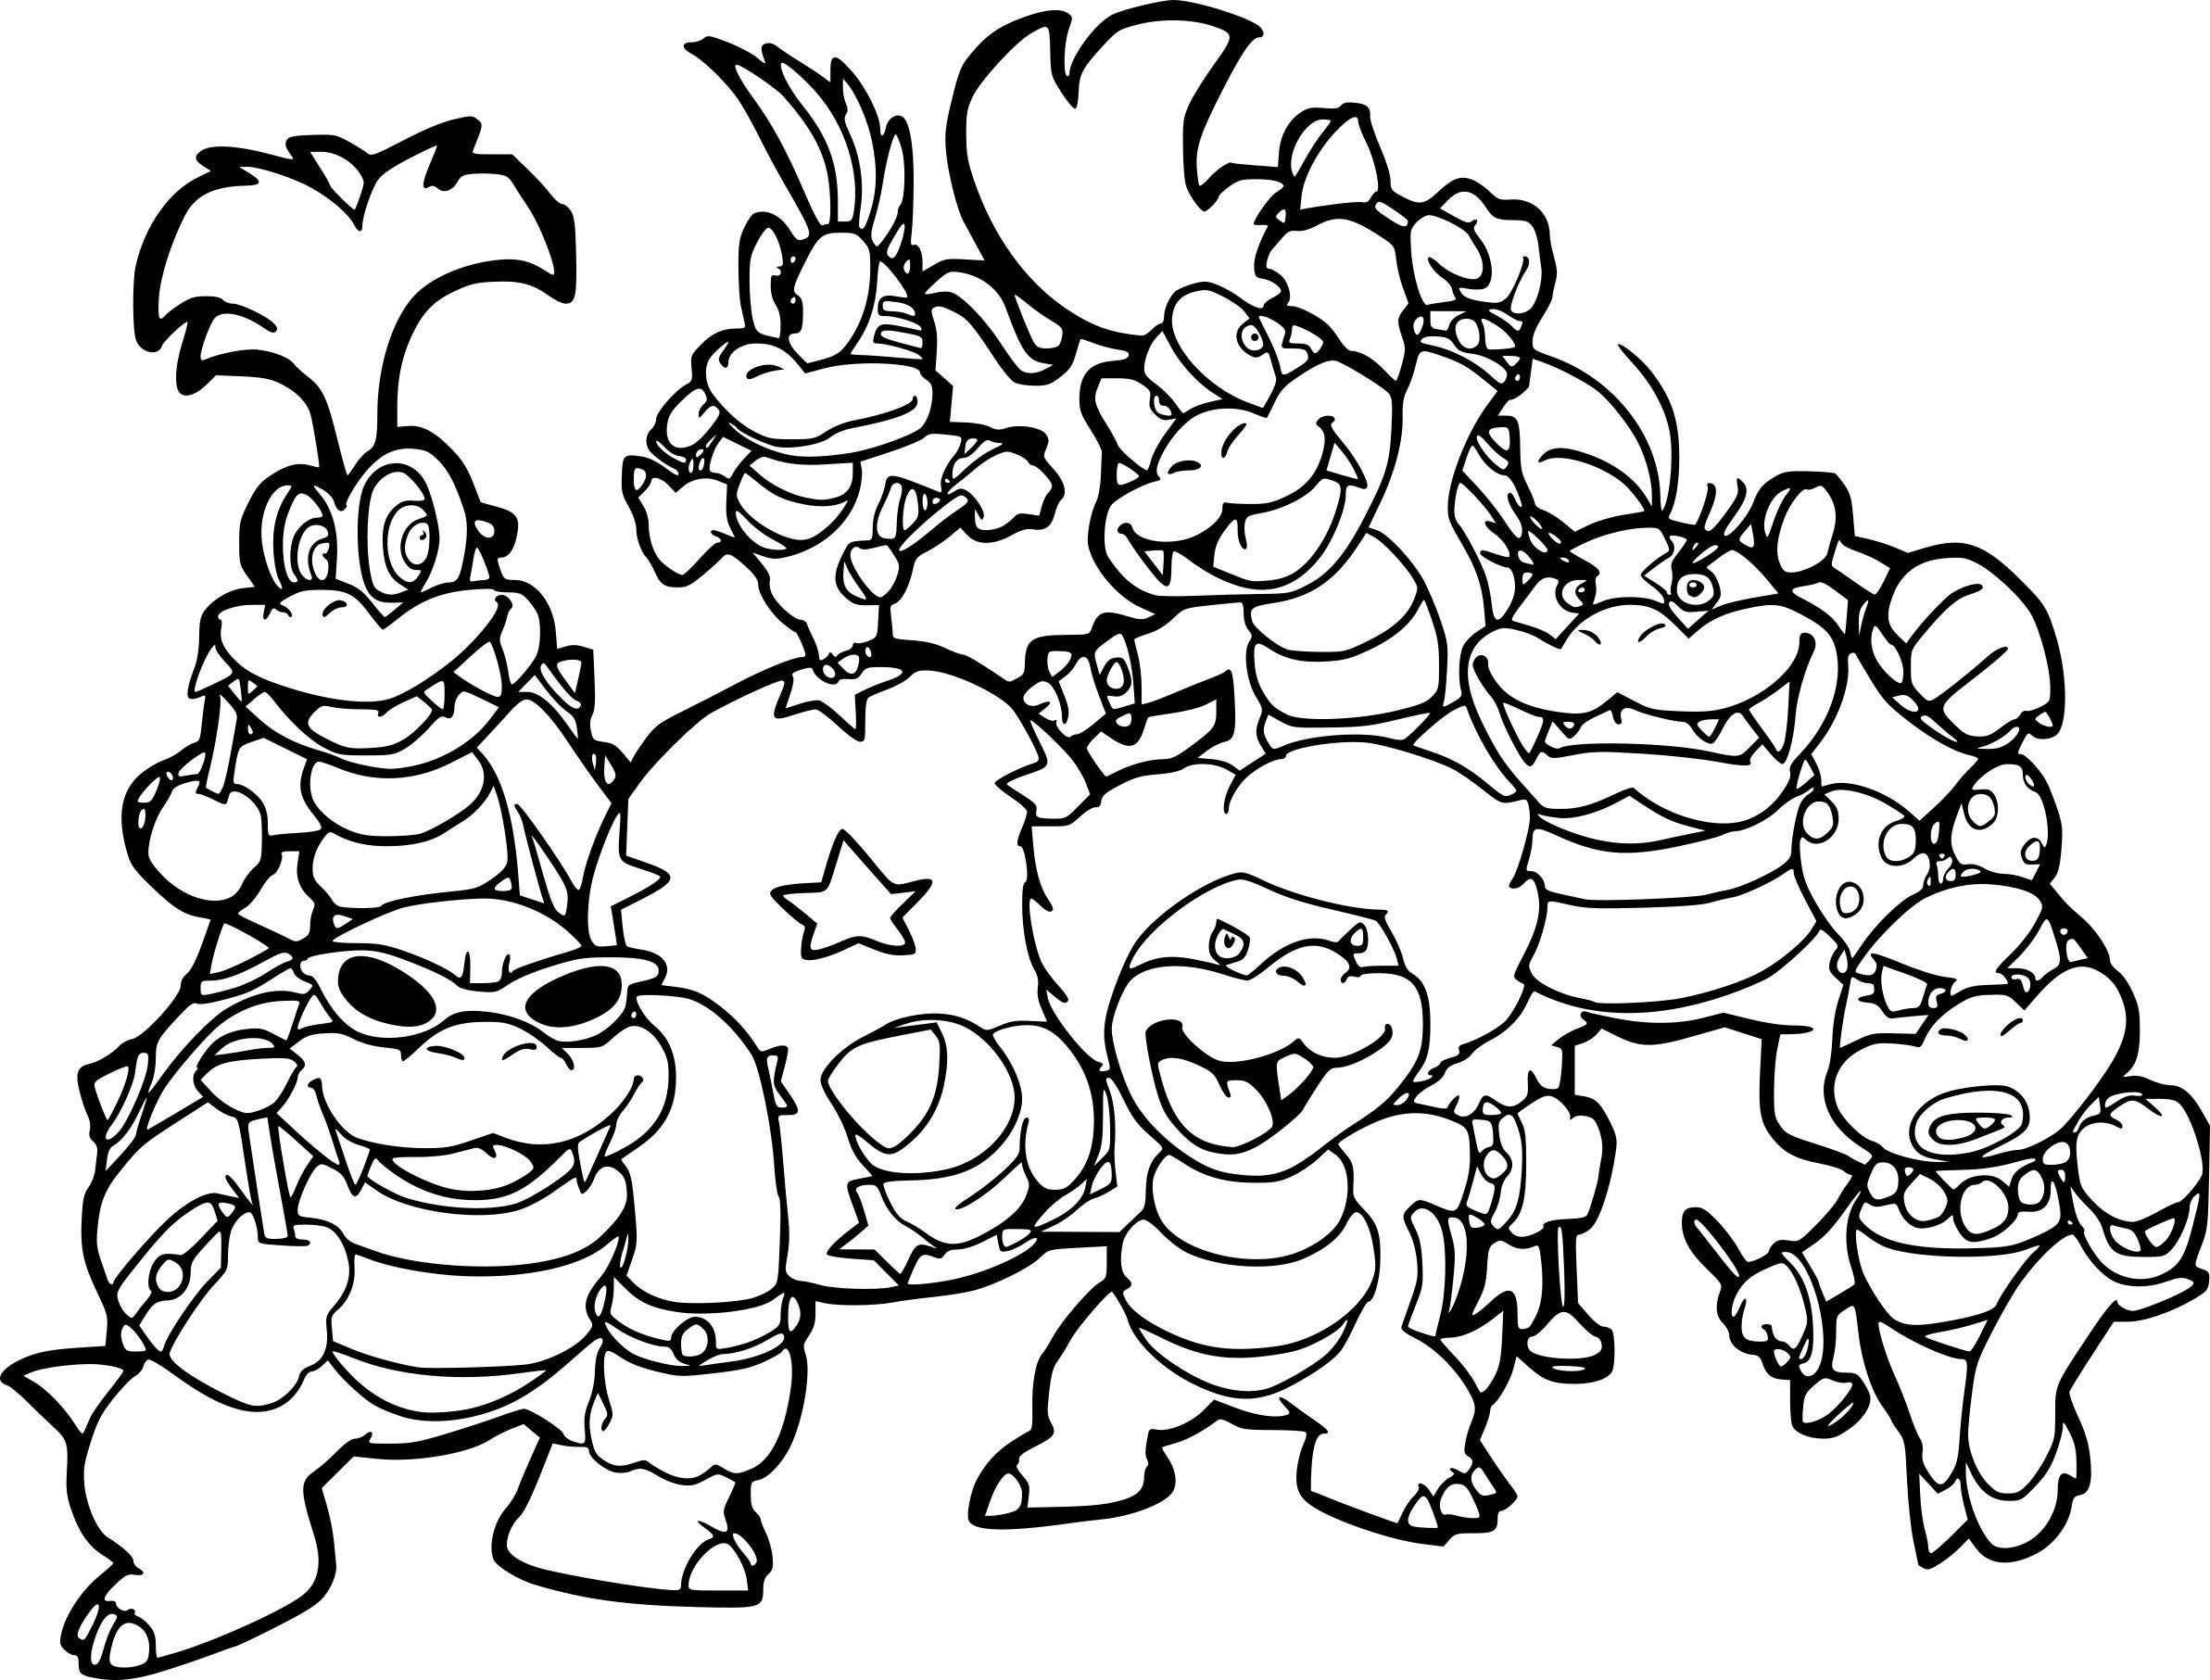 Coloriages A Imprimer Super Mario Numero 6593c7b4